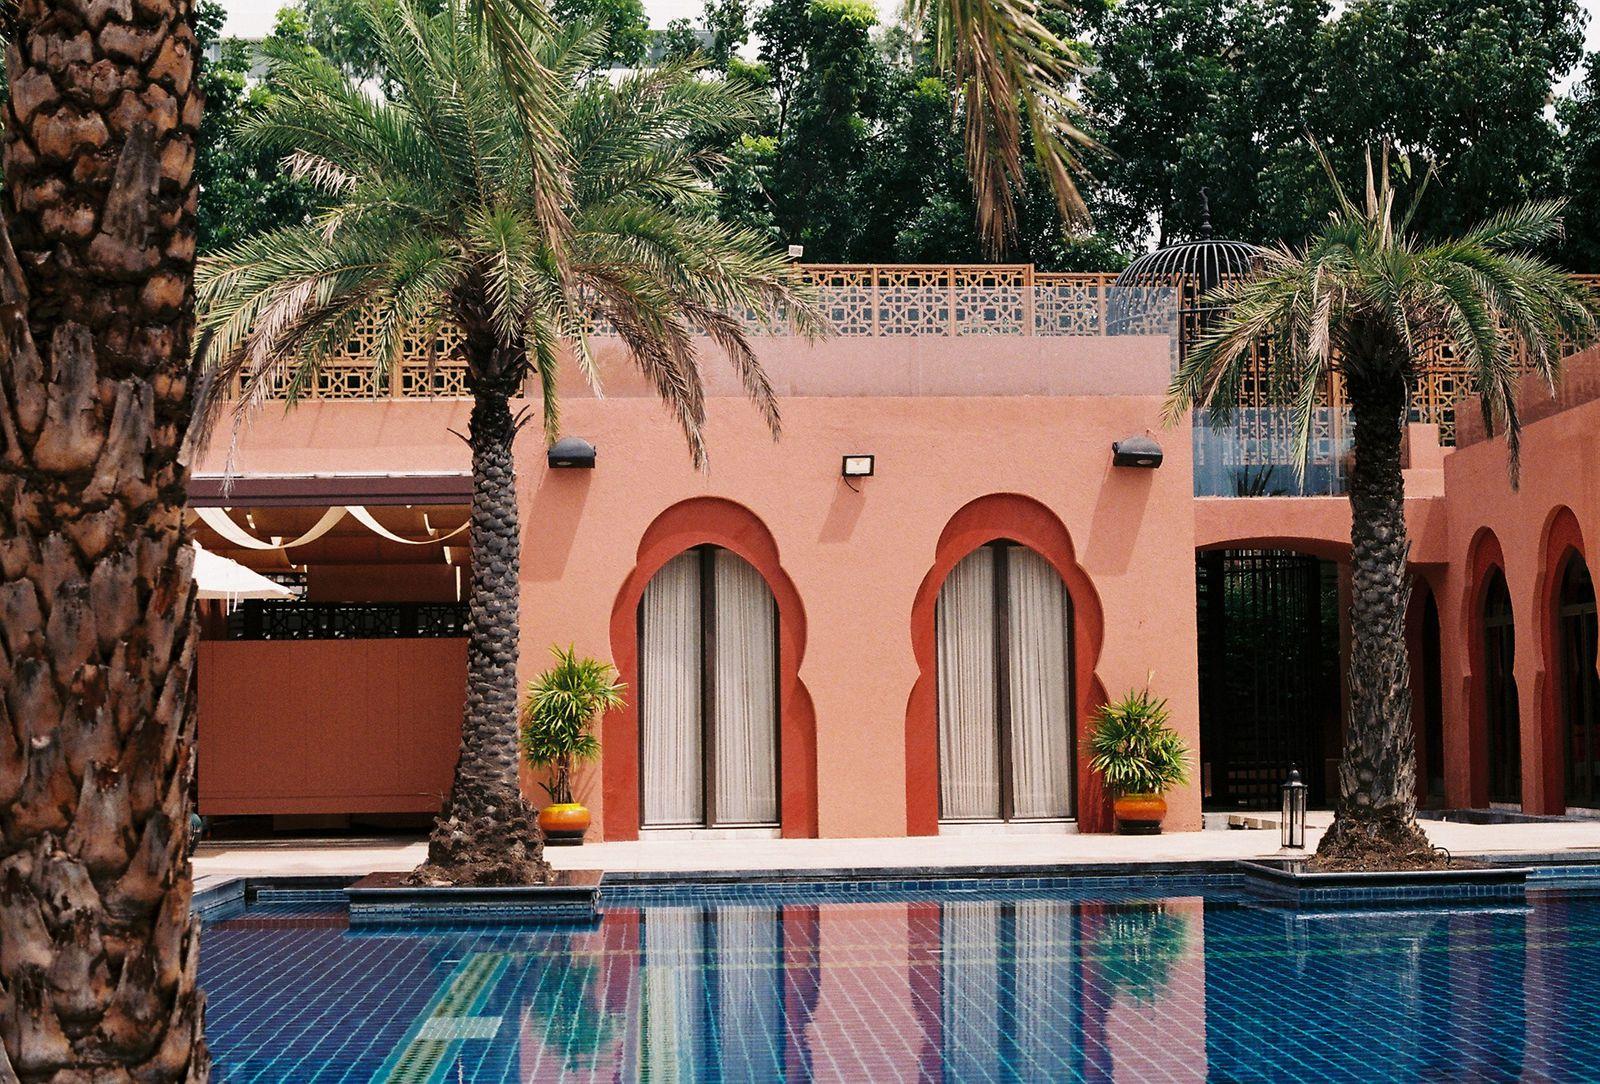 Investasi Villa, Investasi Menjanjikan Di Tengah Musim Liburan